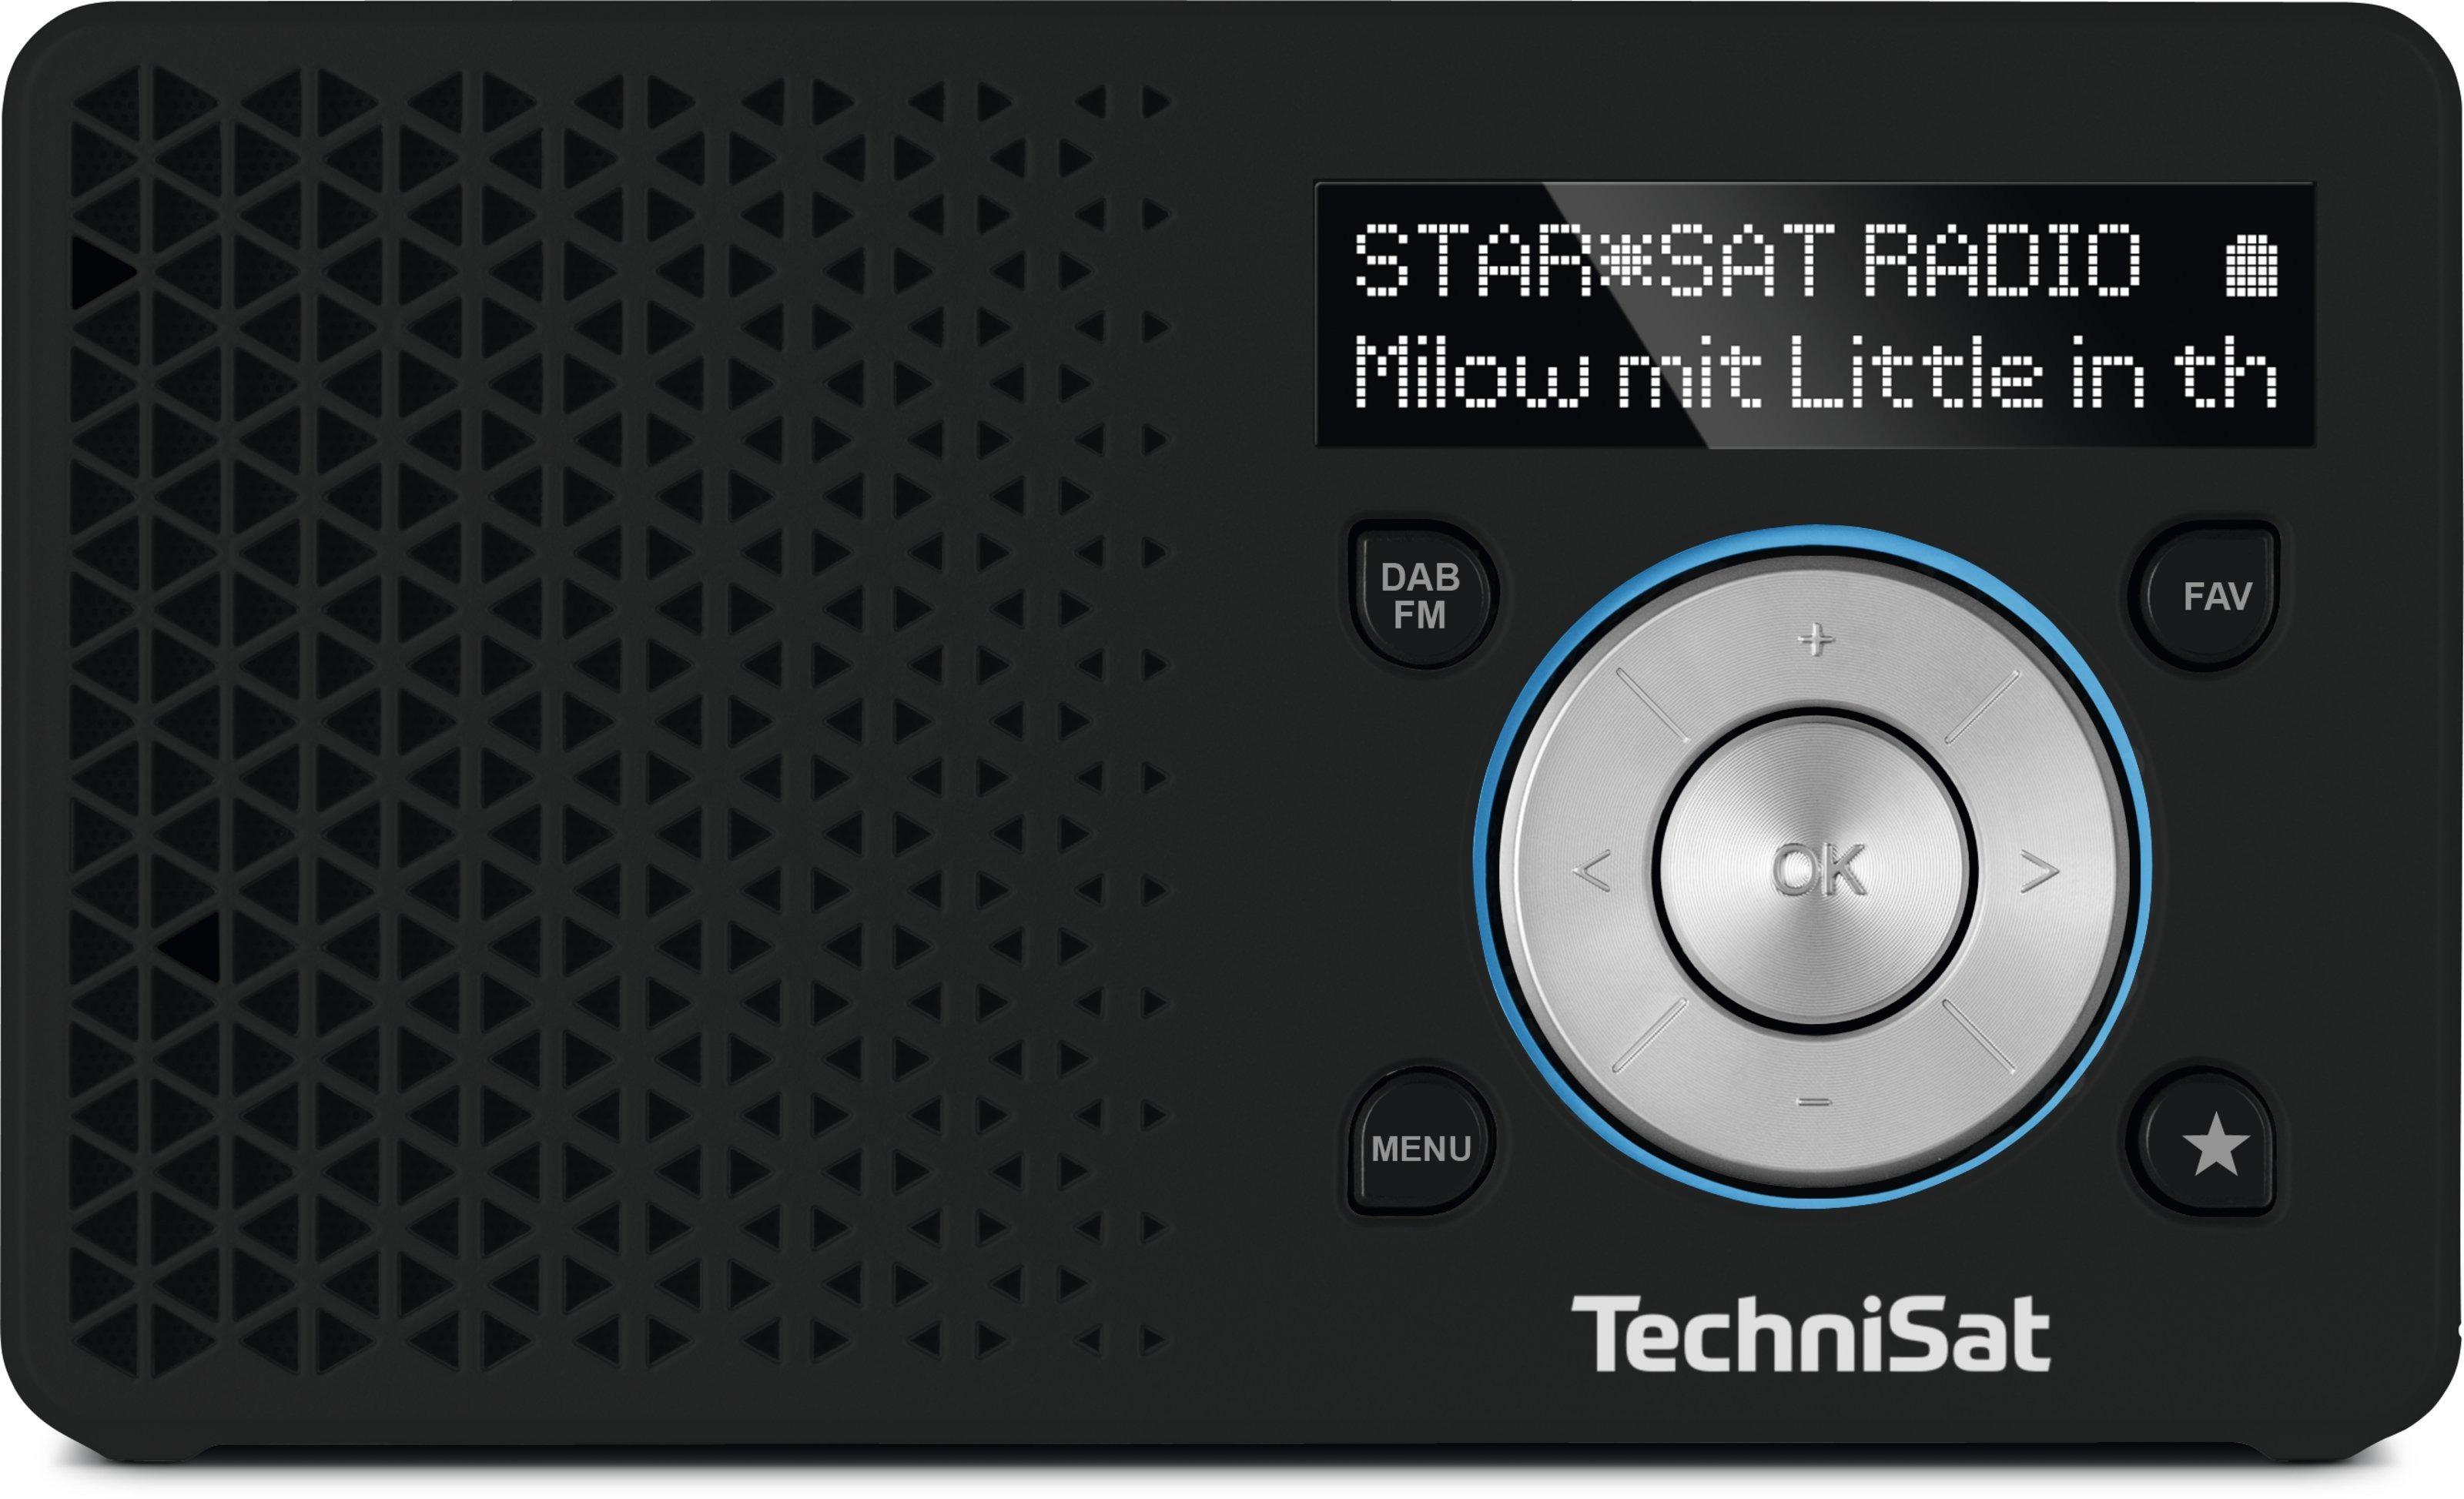 Foto van TechniSat Digitradio 1 DAB radio